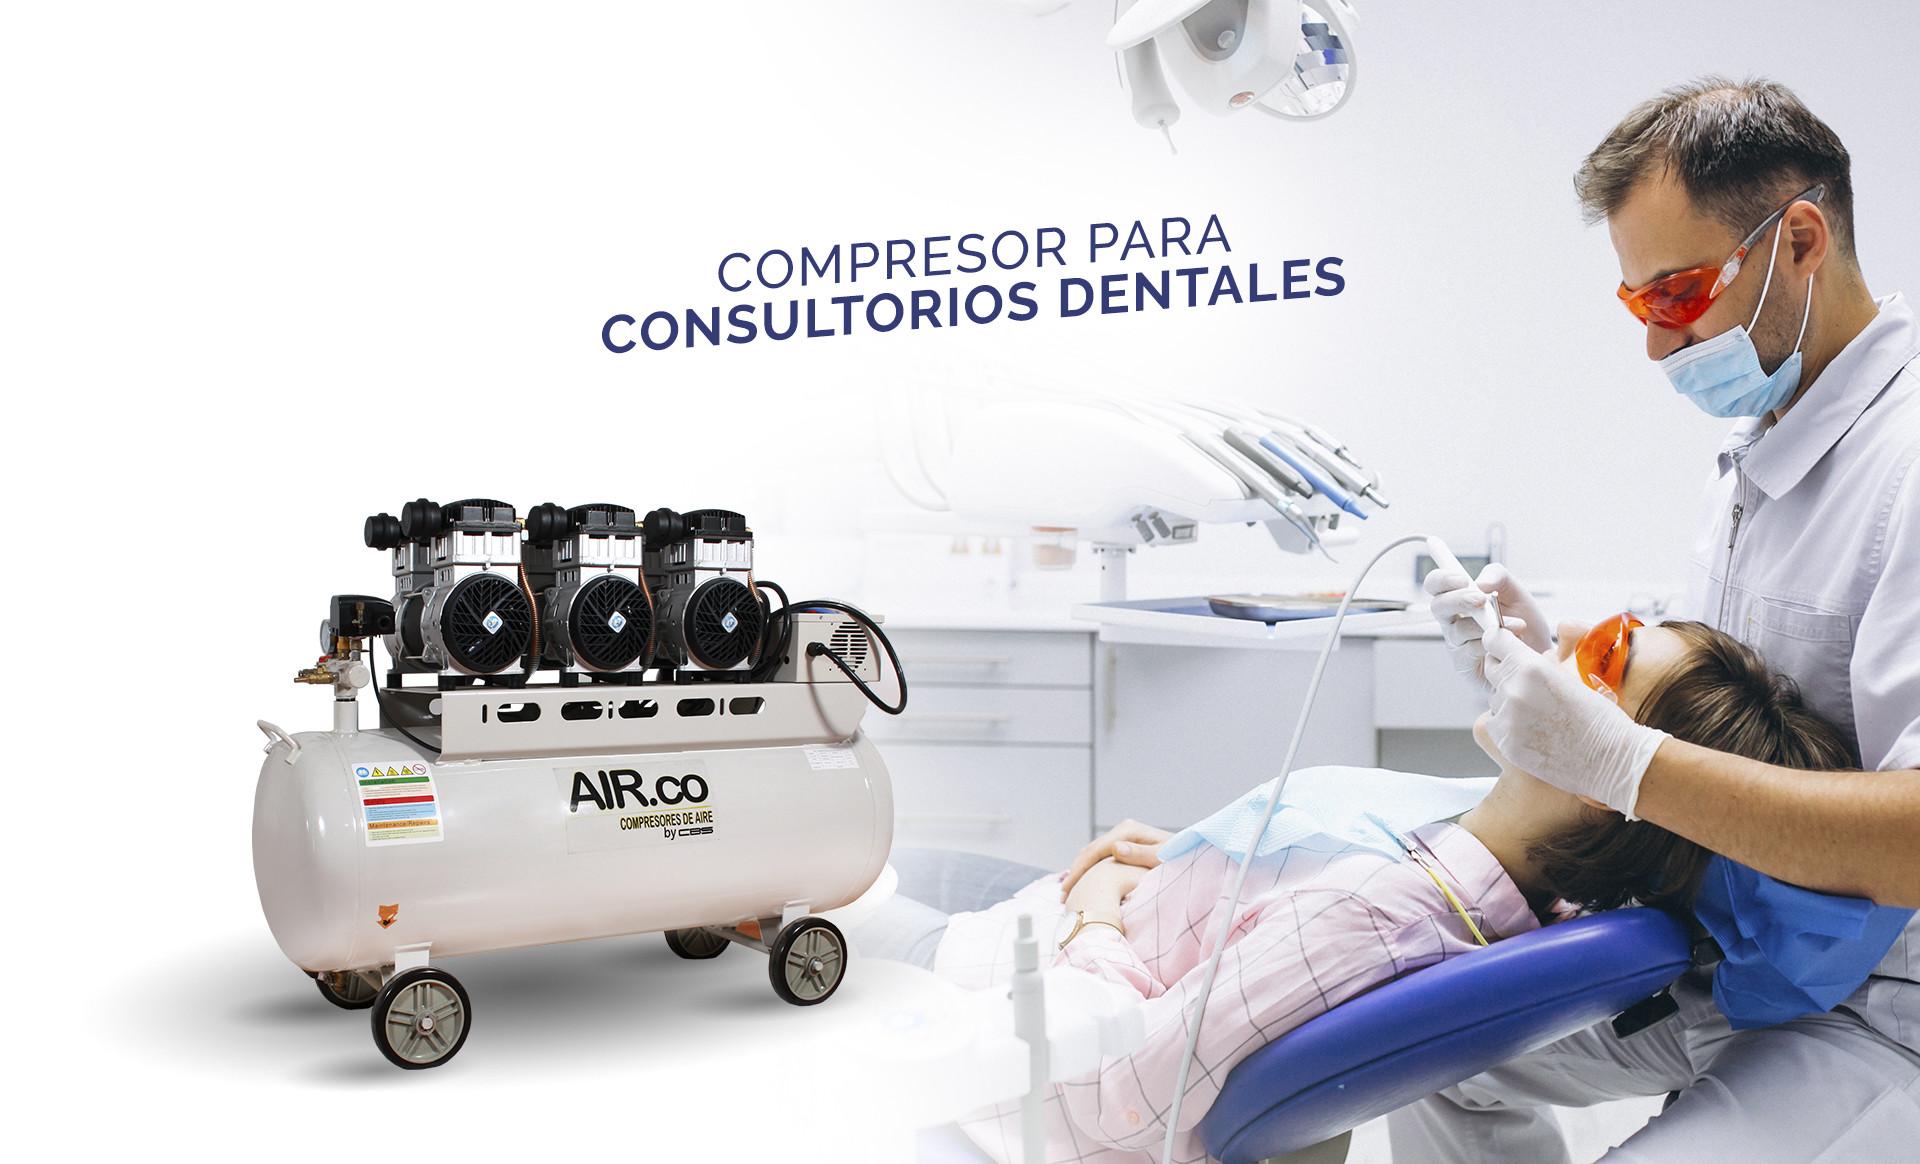 Compresores para Consultorios dentales